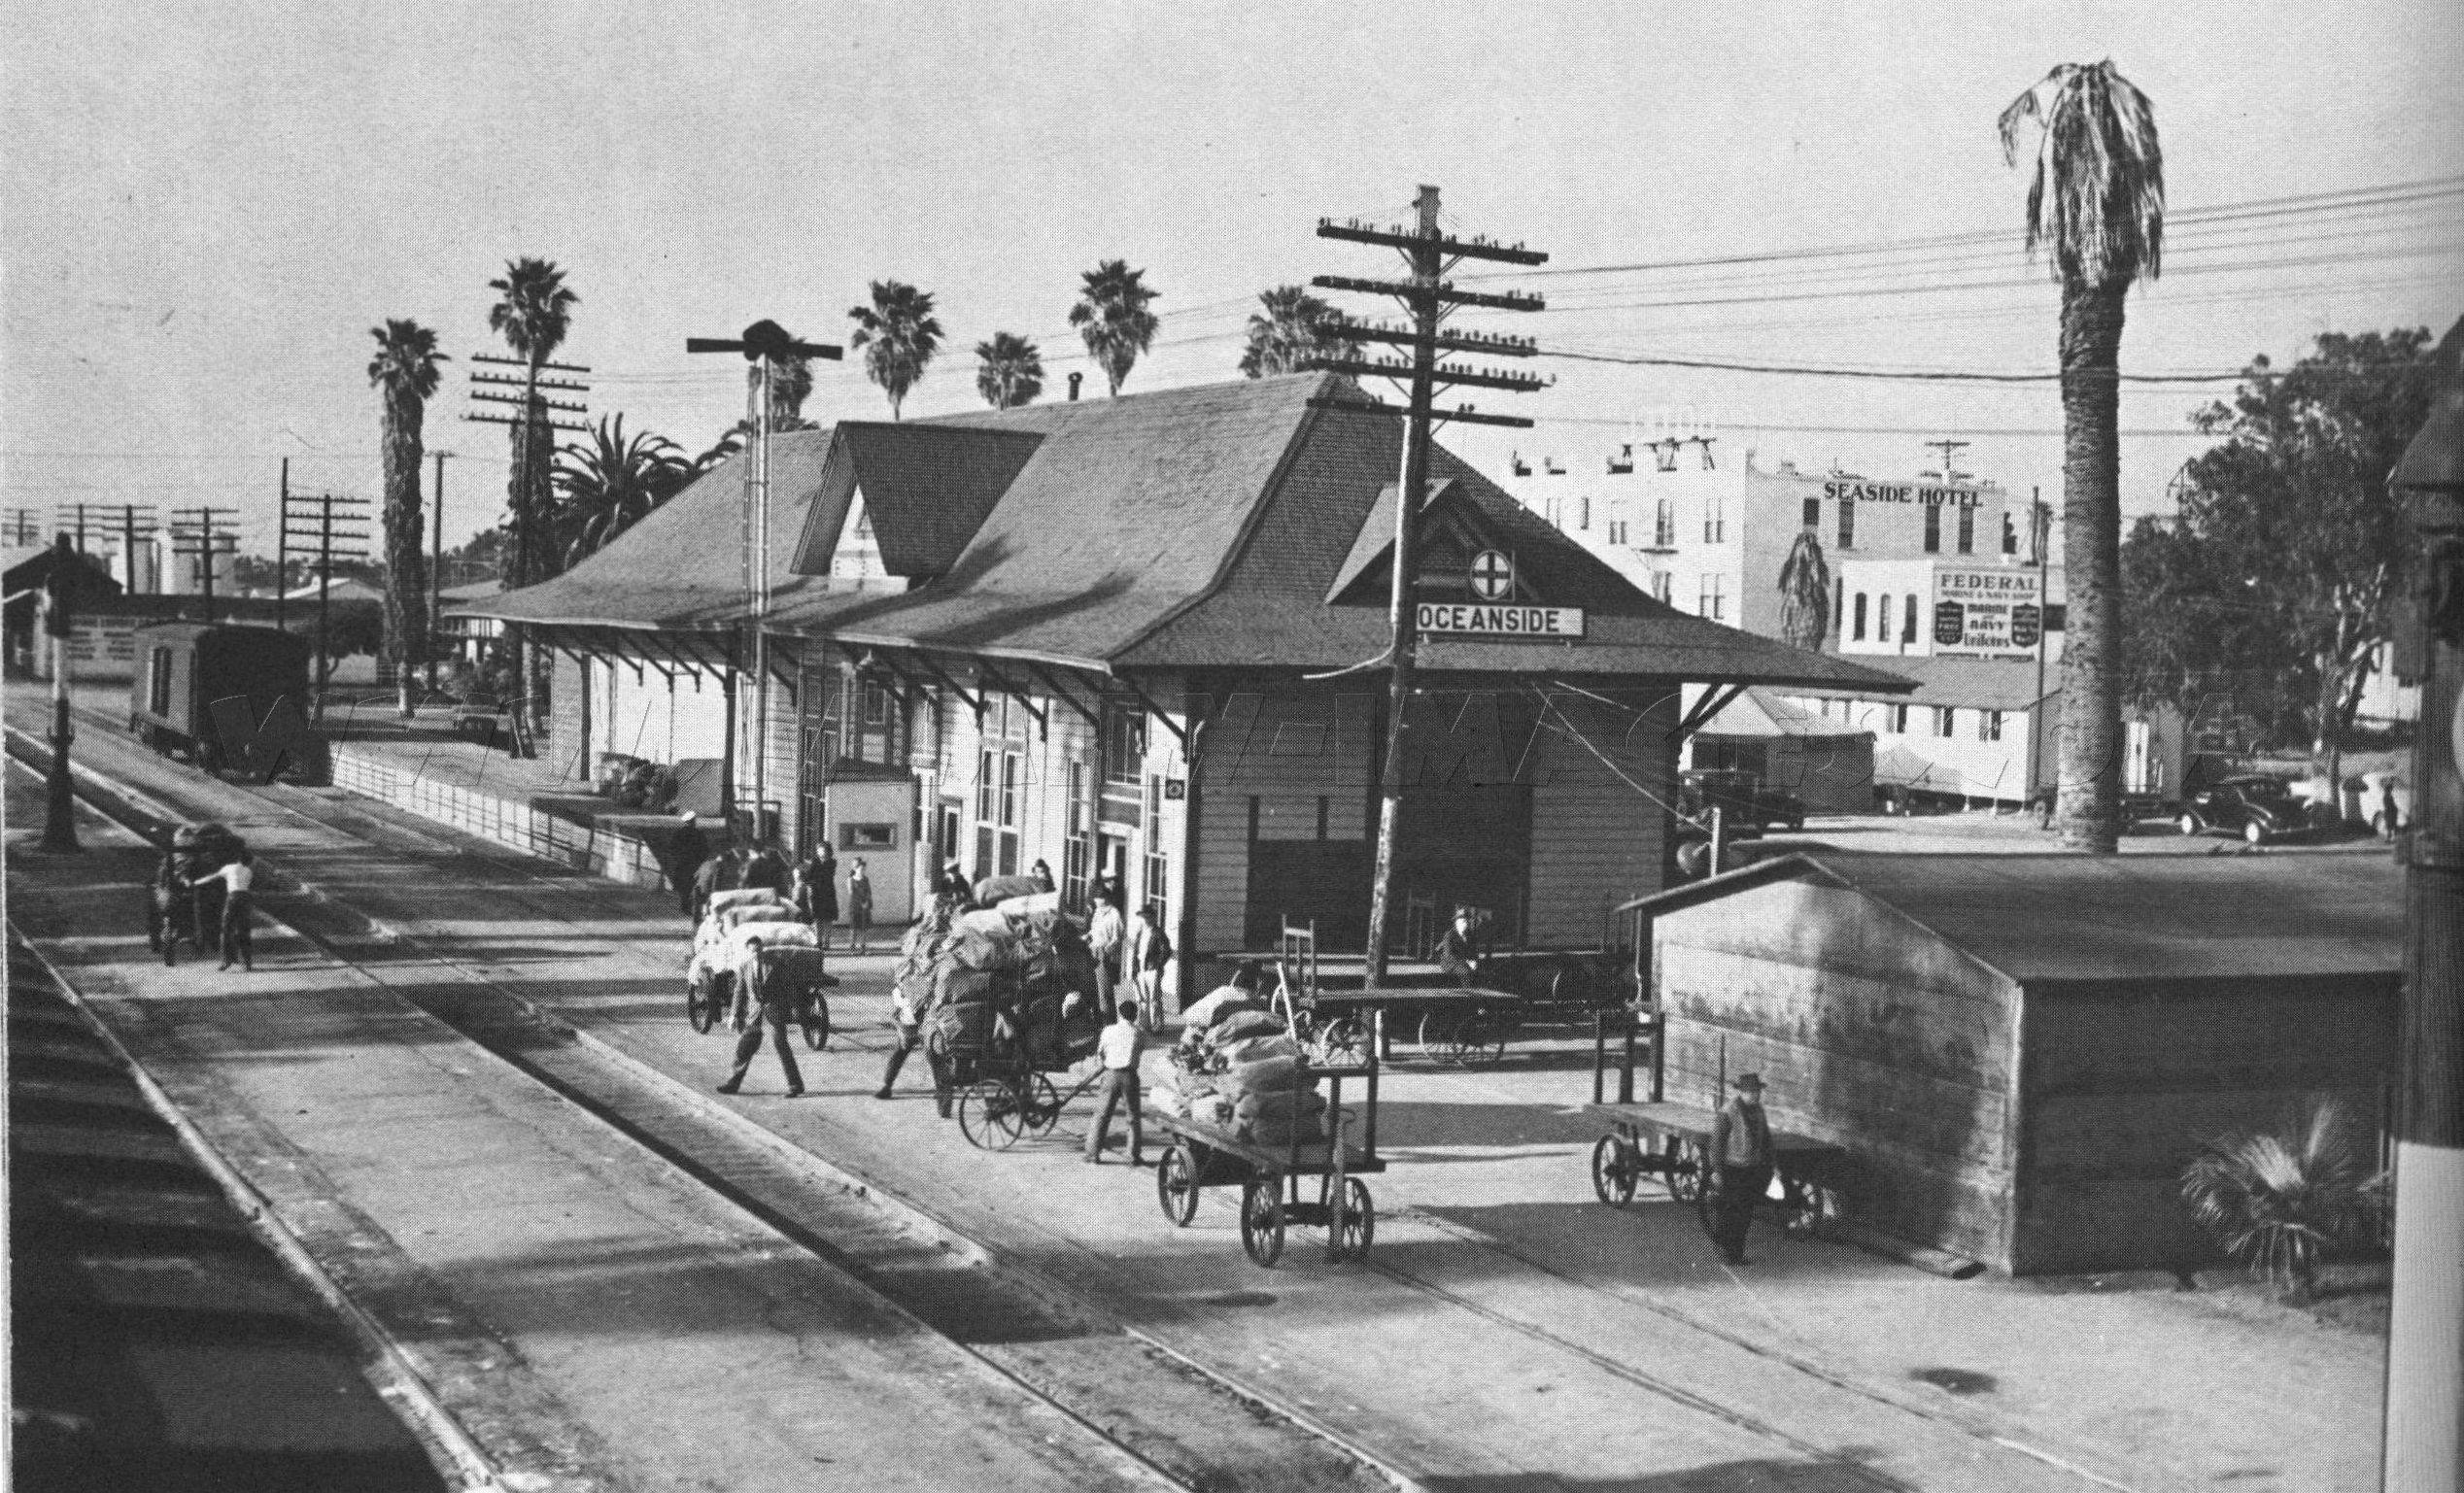 Ca oceanside 1890s railroad stationjpg 25361537